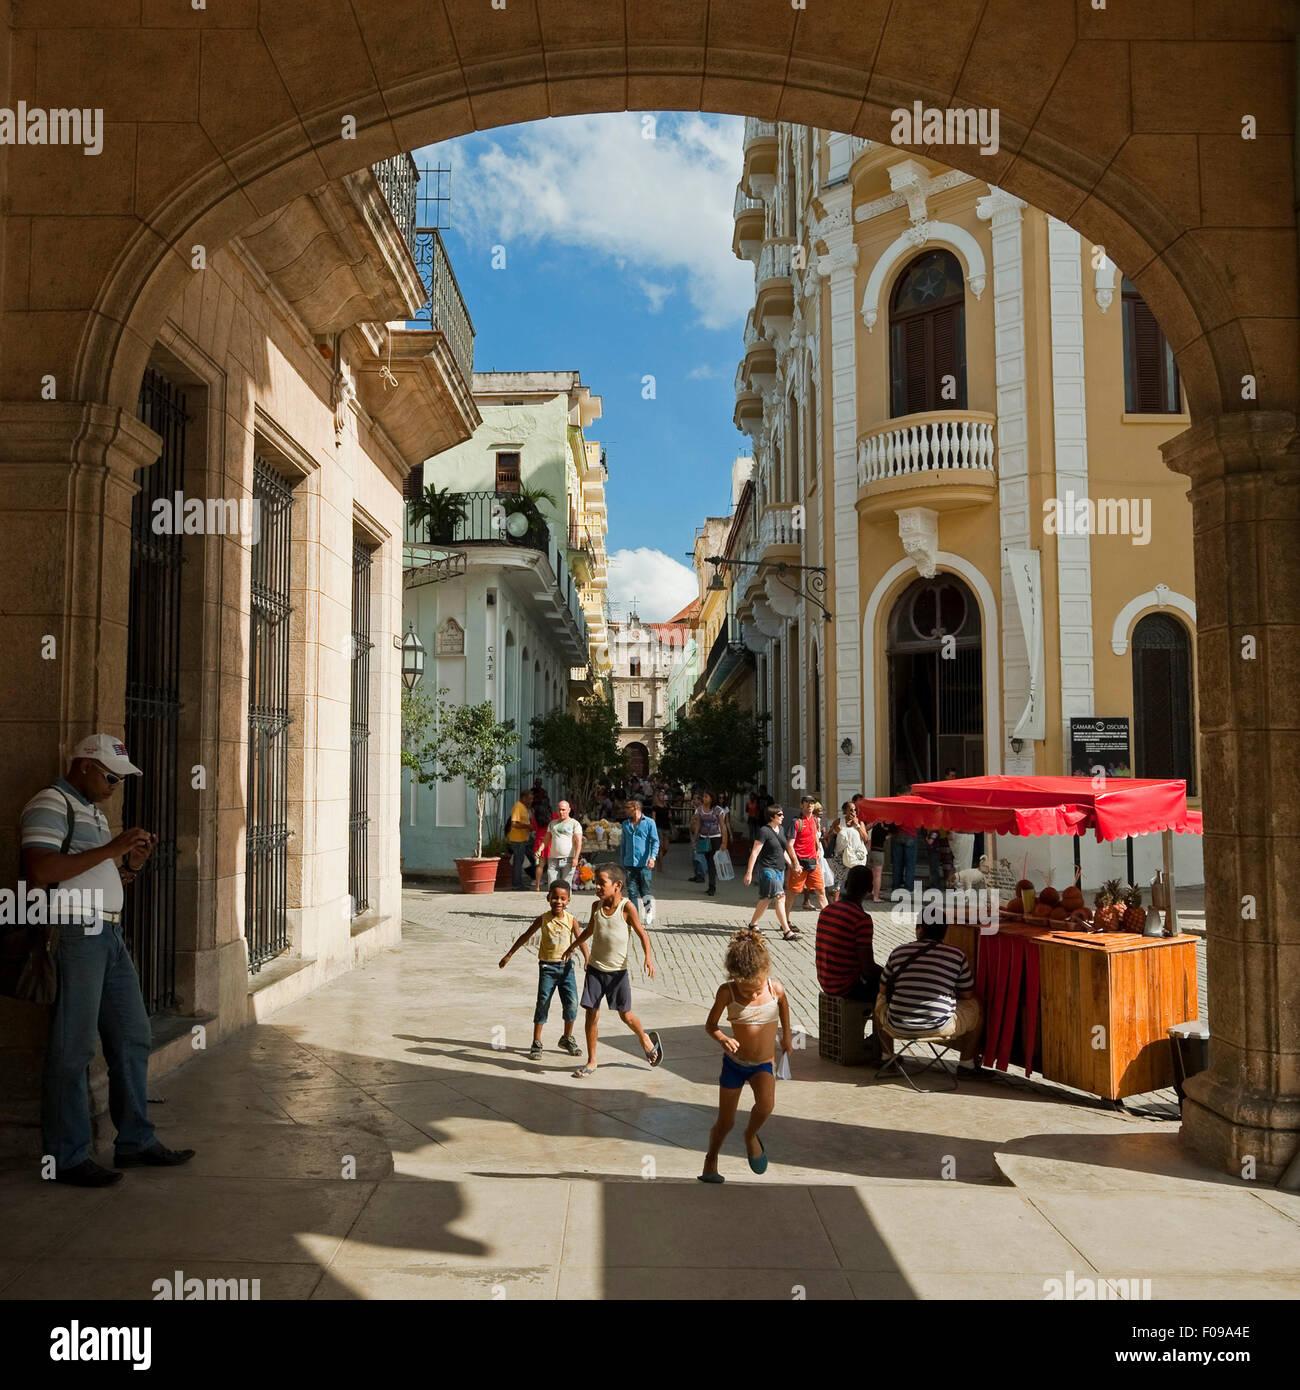 Square streetview in Havana, Cuba. - Stock Image